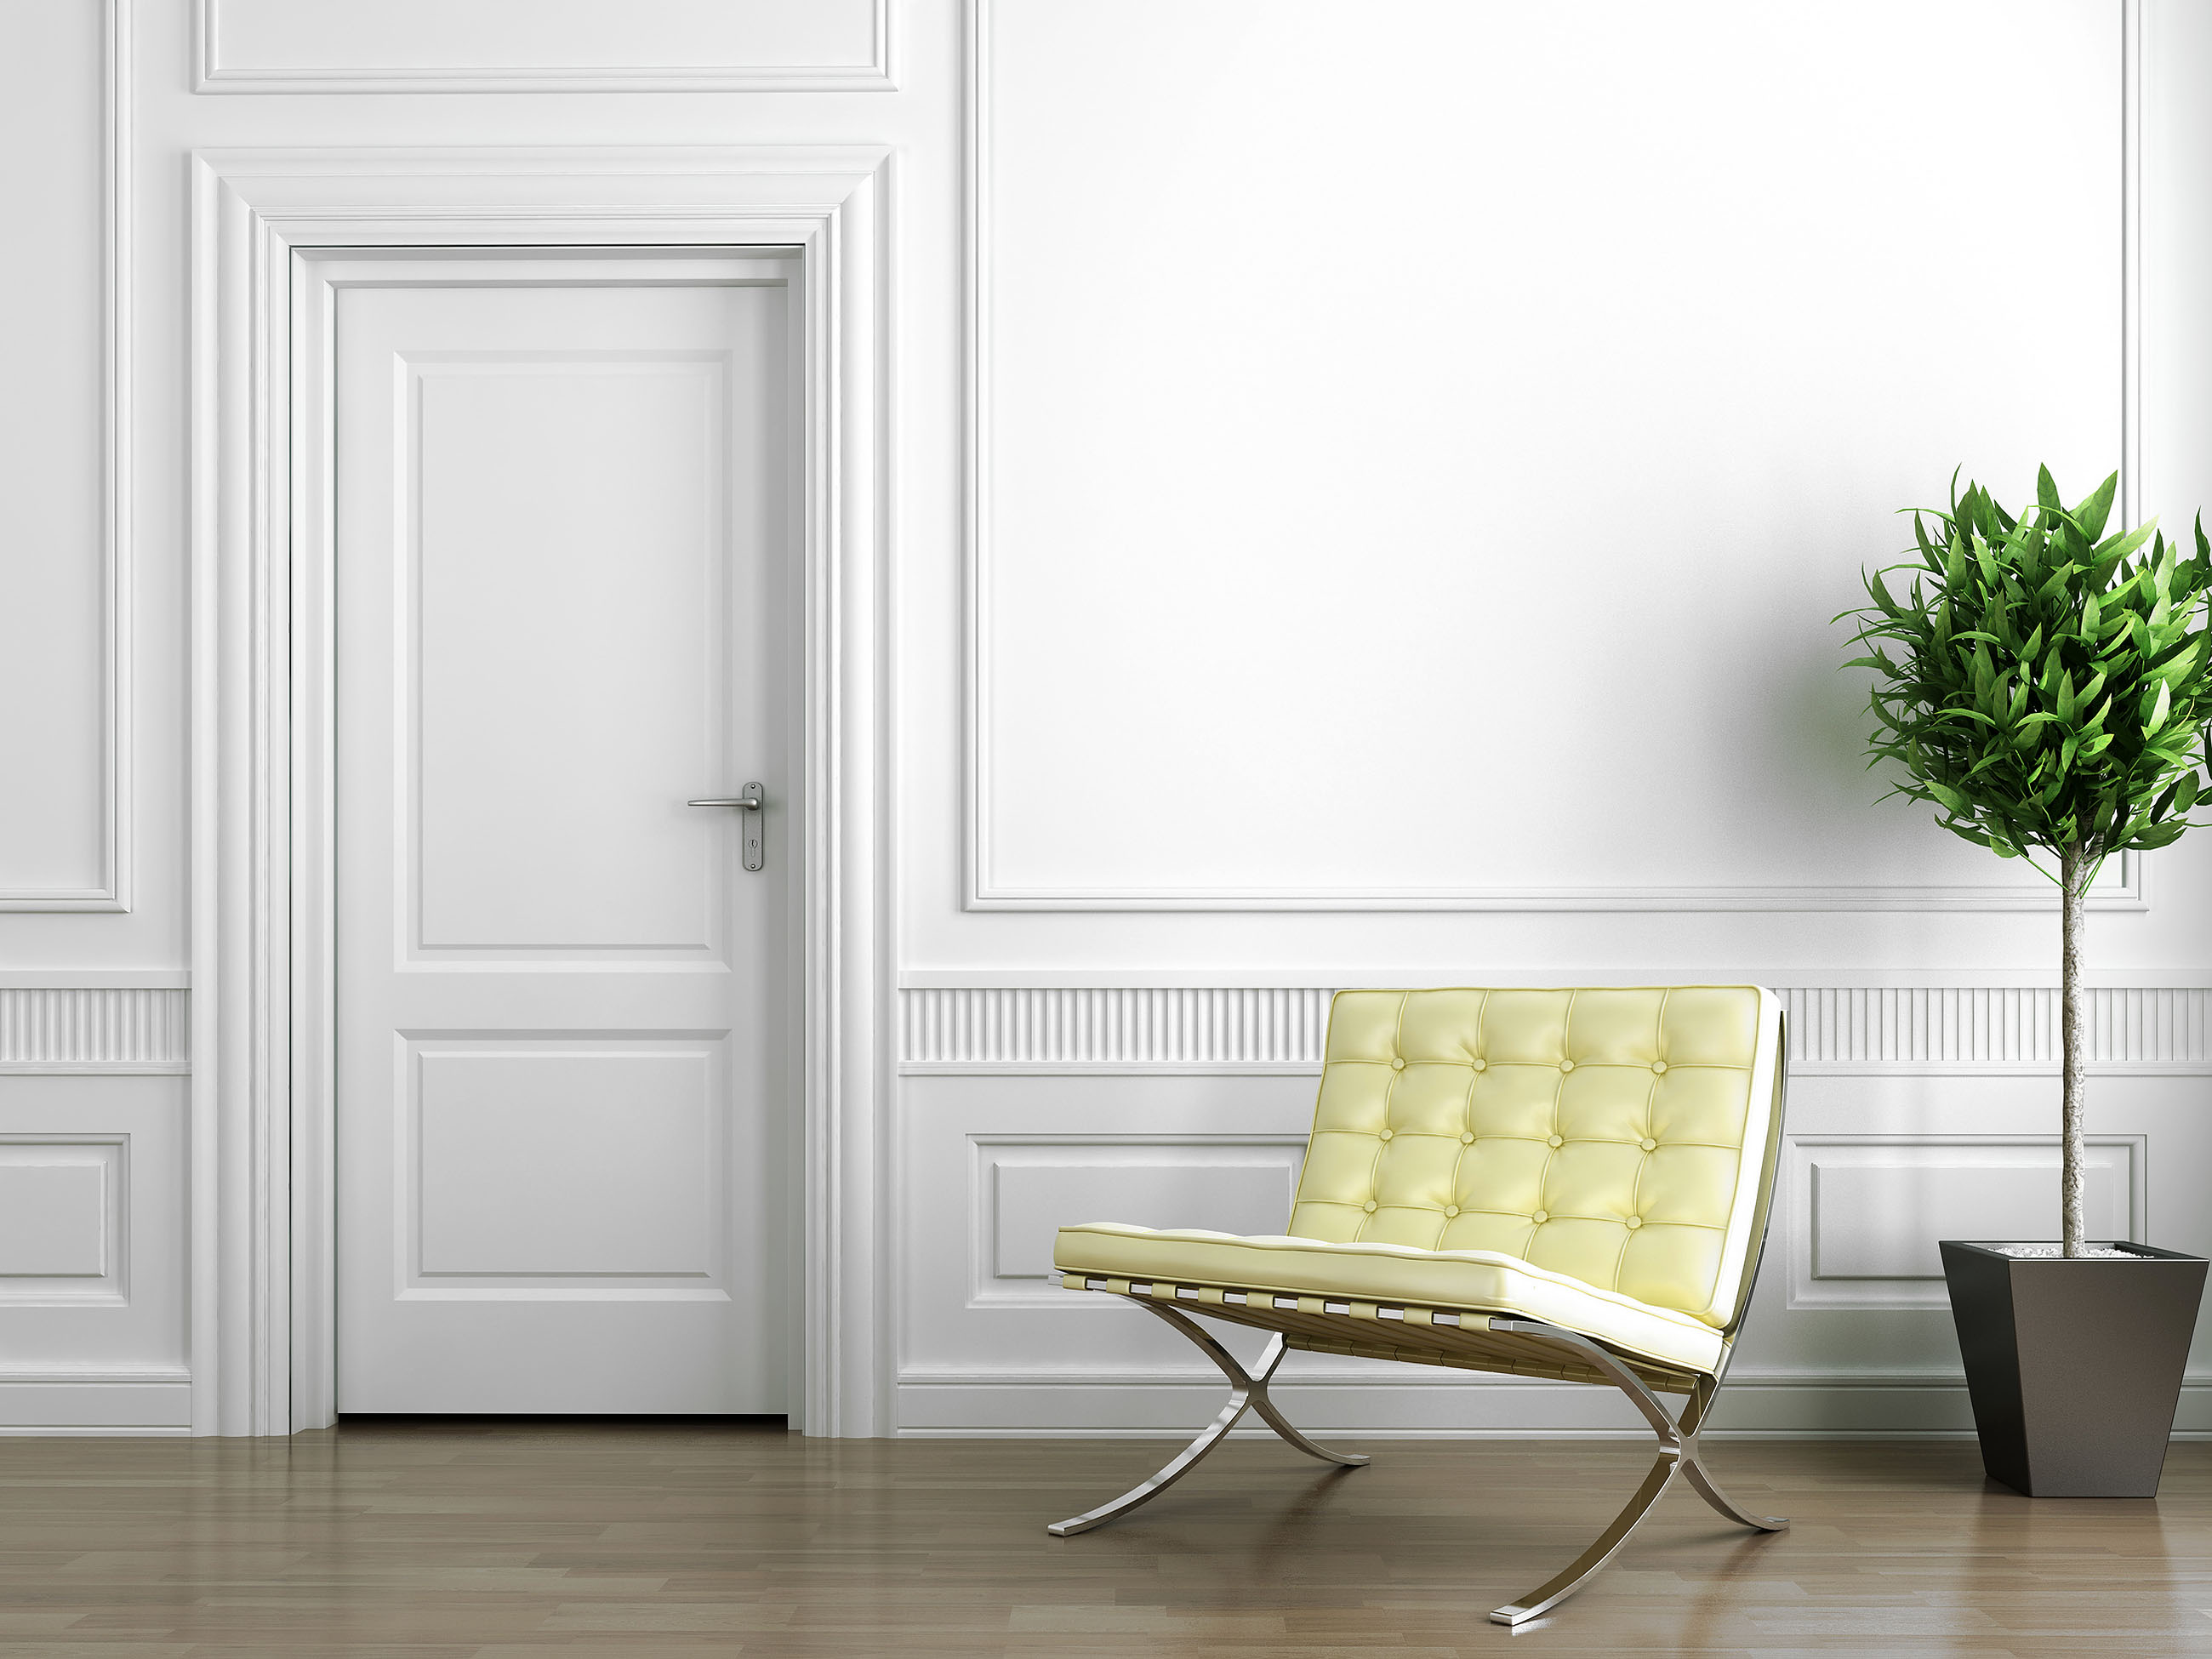 portes design lance holz bois scierie s gerei eupen belgien belgique ostbelgien. Black Bedroom Furniture Sets. Home Design Ideas